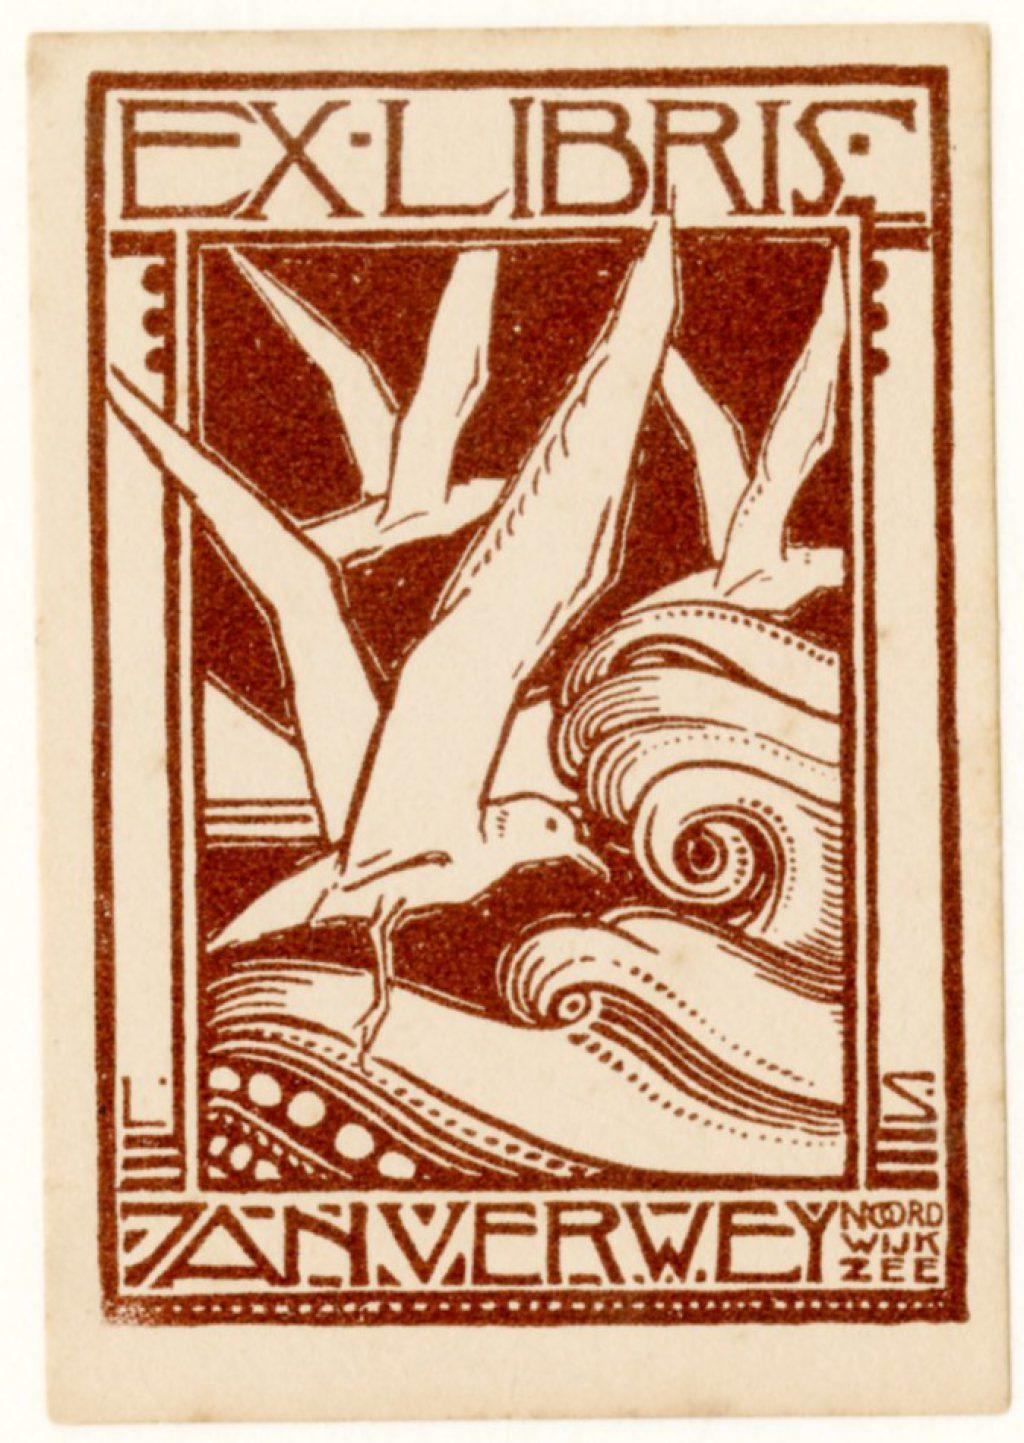 Ex librissen: Voor Jan Verwey door Leon Senf, ca. 1920 (TMS 128755).